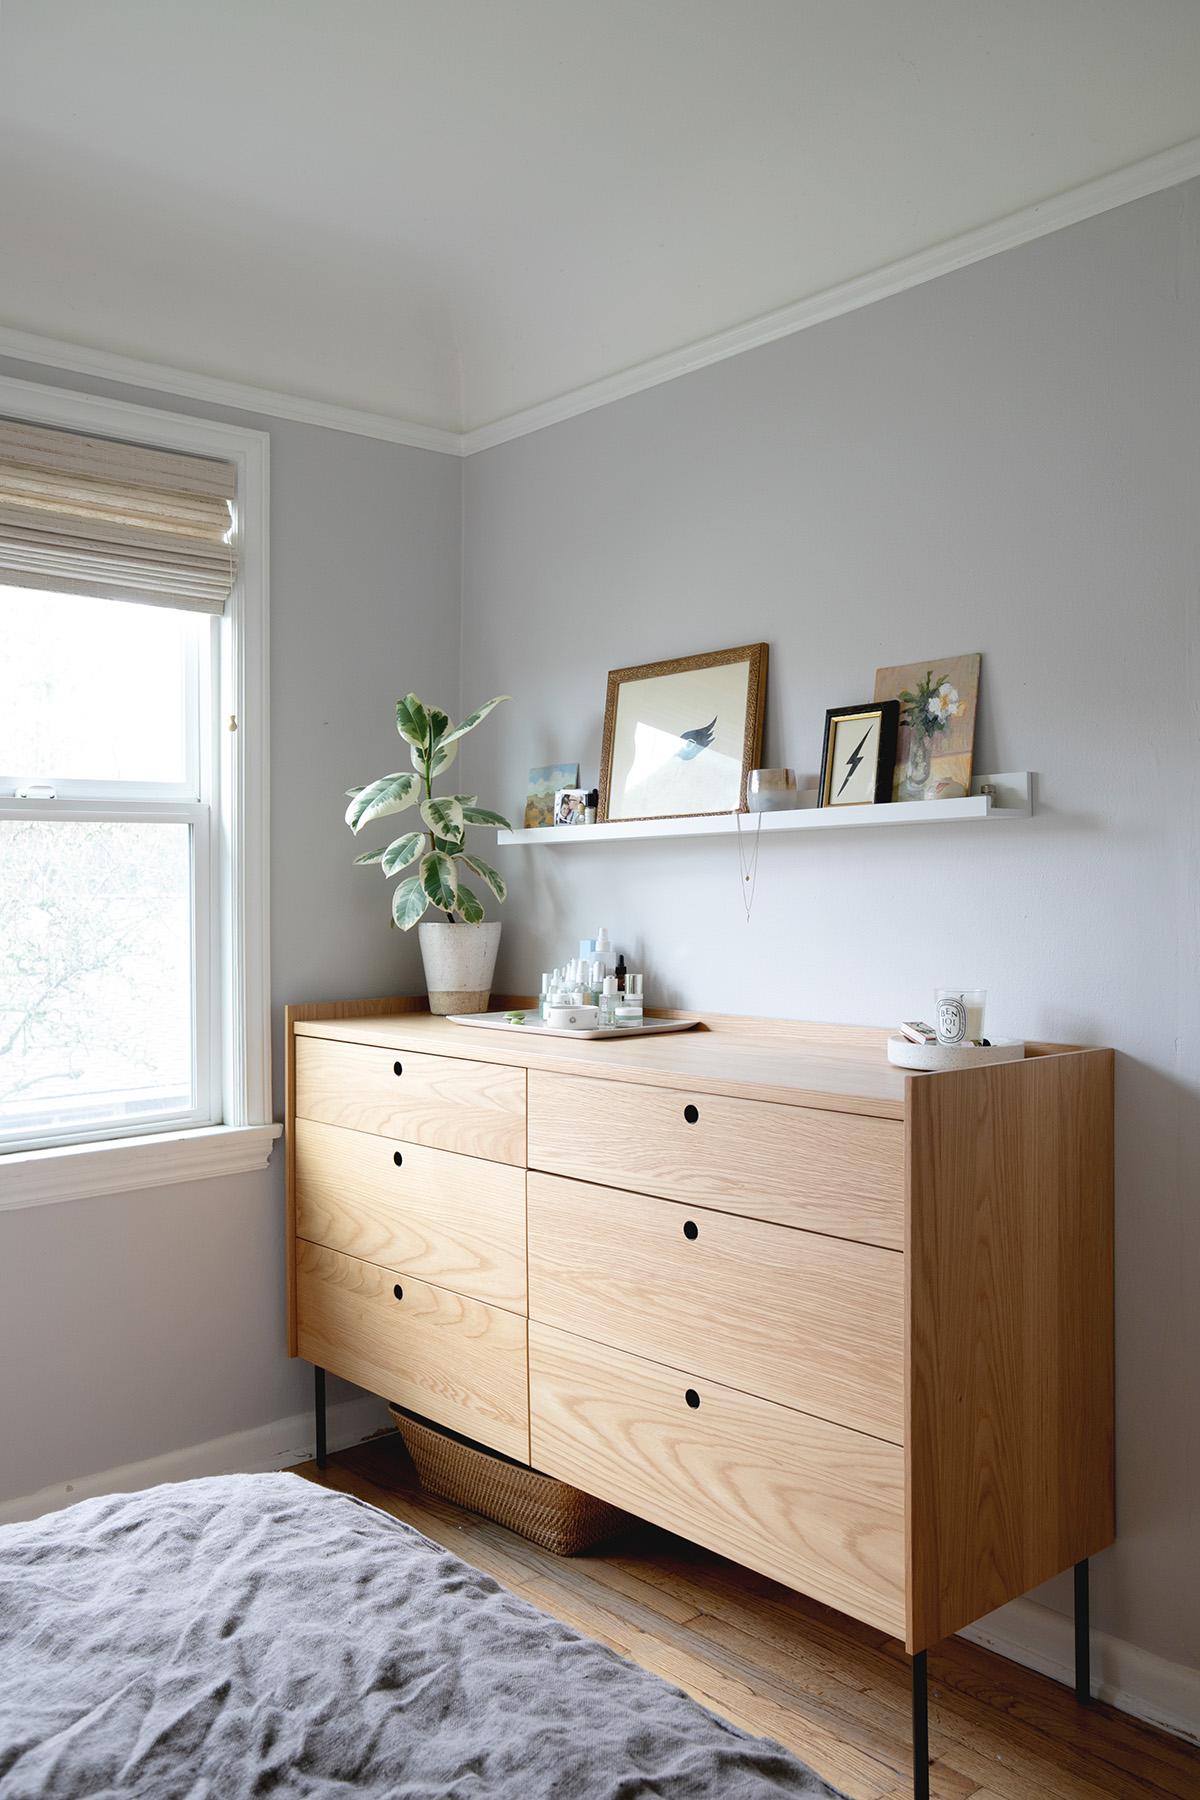 murs lilas et bois chaleureux s'équilibrent dans cette minuscule métamorphose de la chambre principale